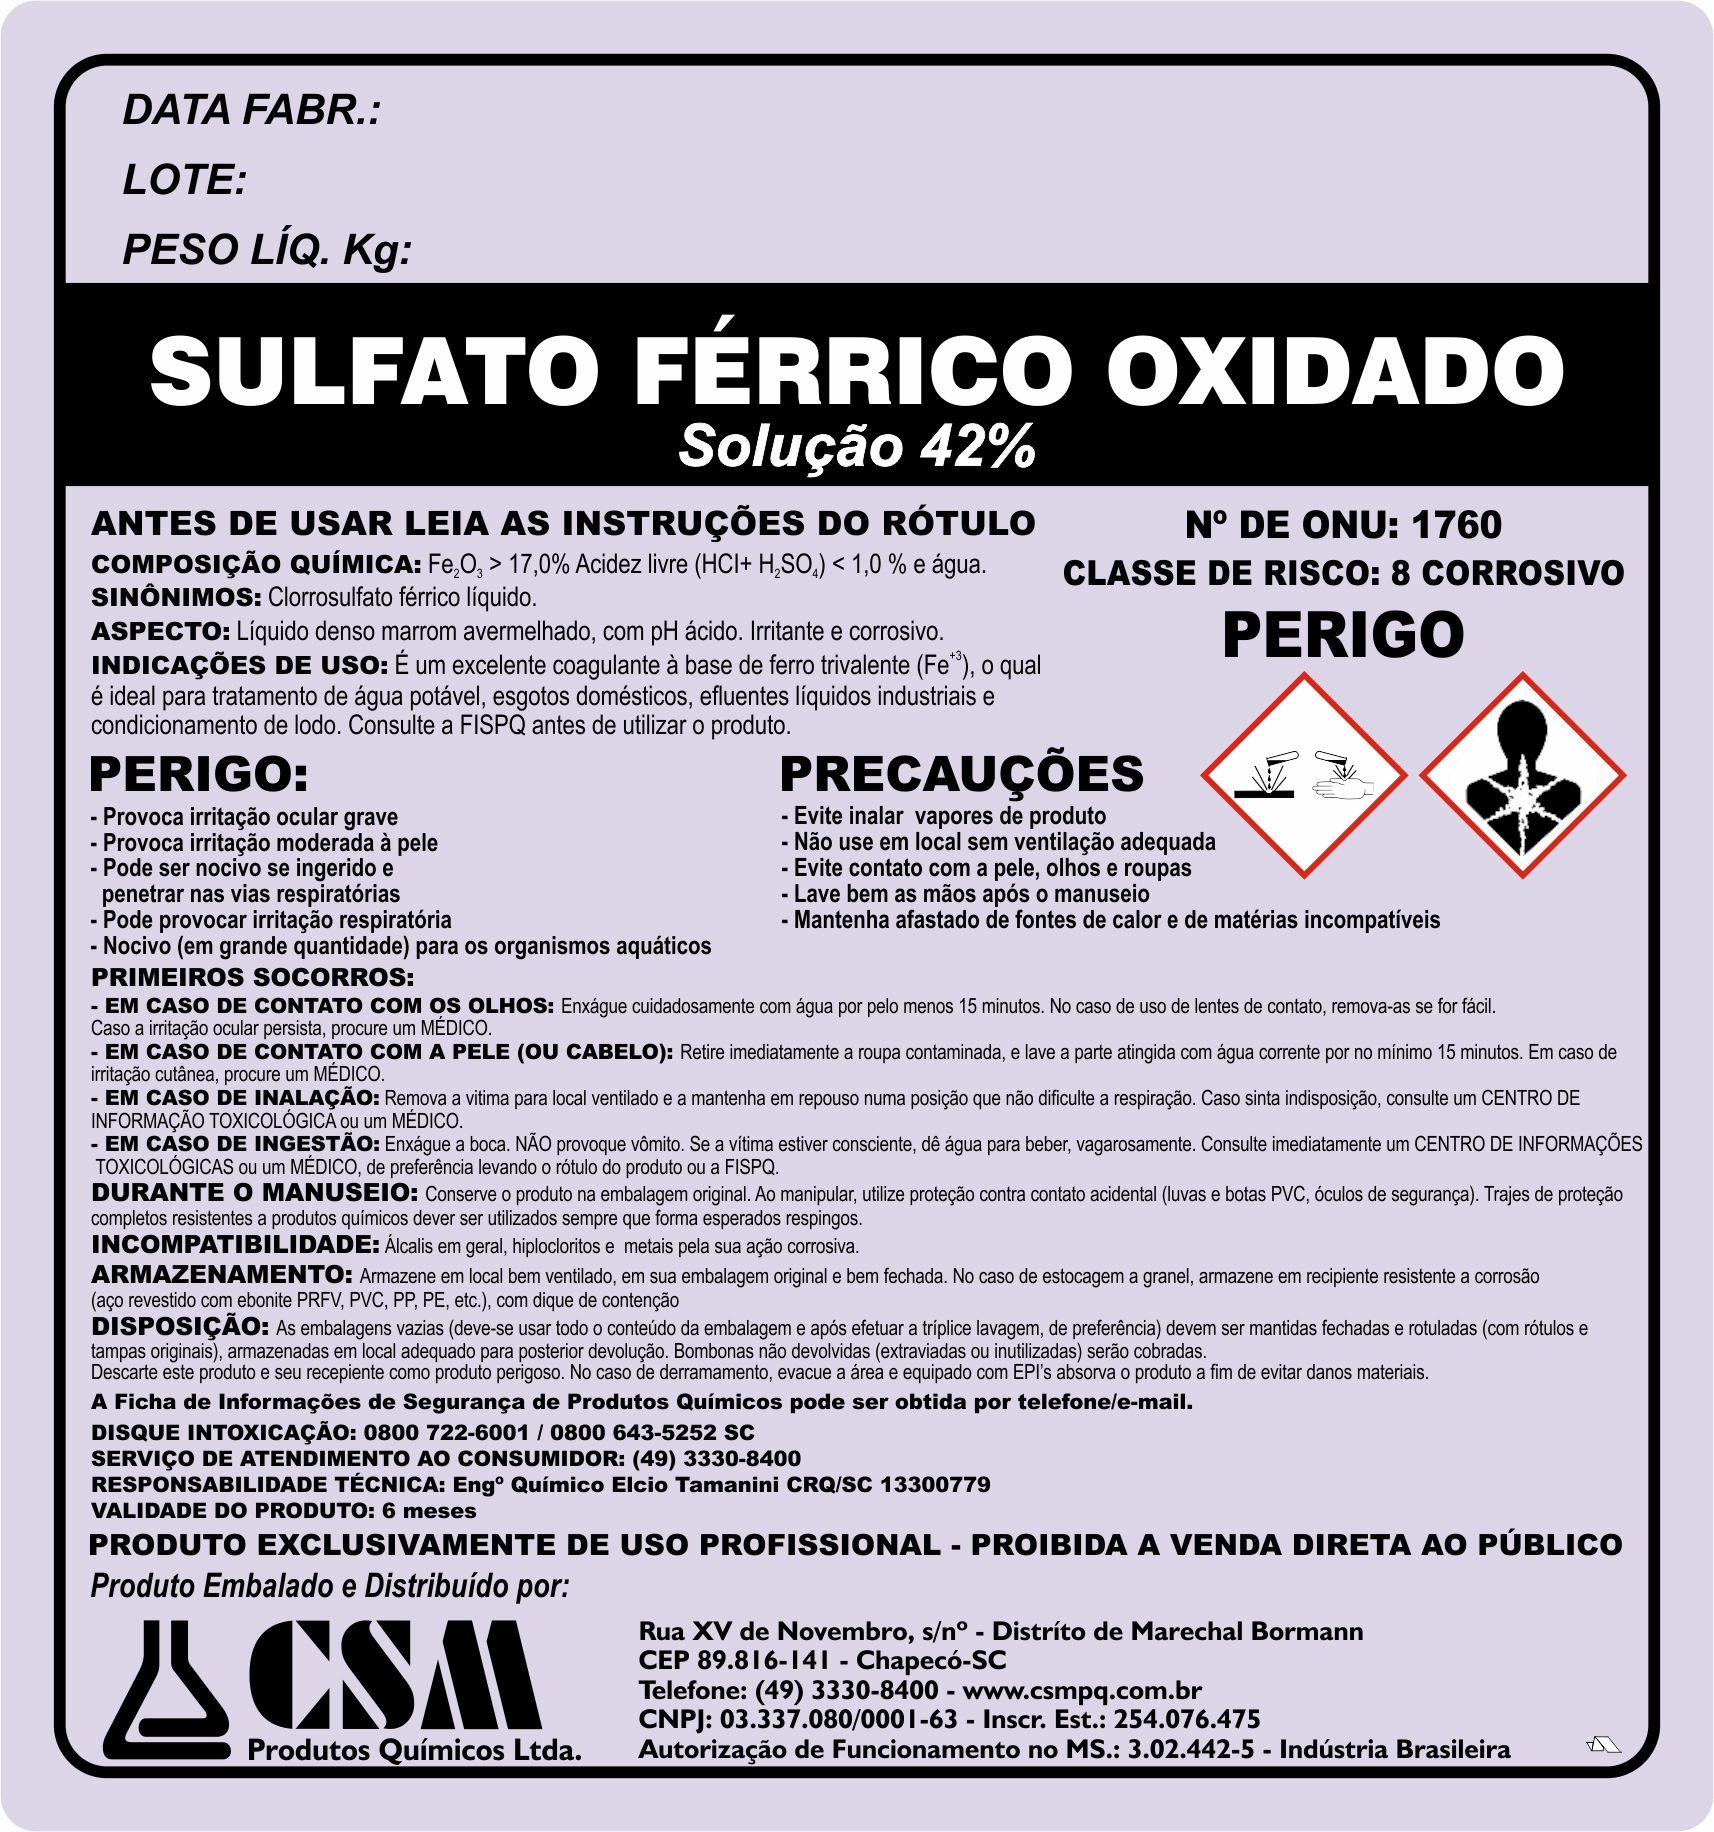 Sulfato ferrico oxidado